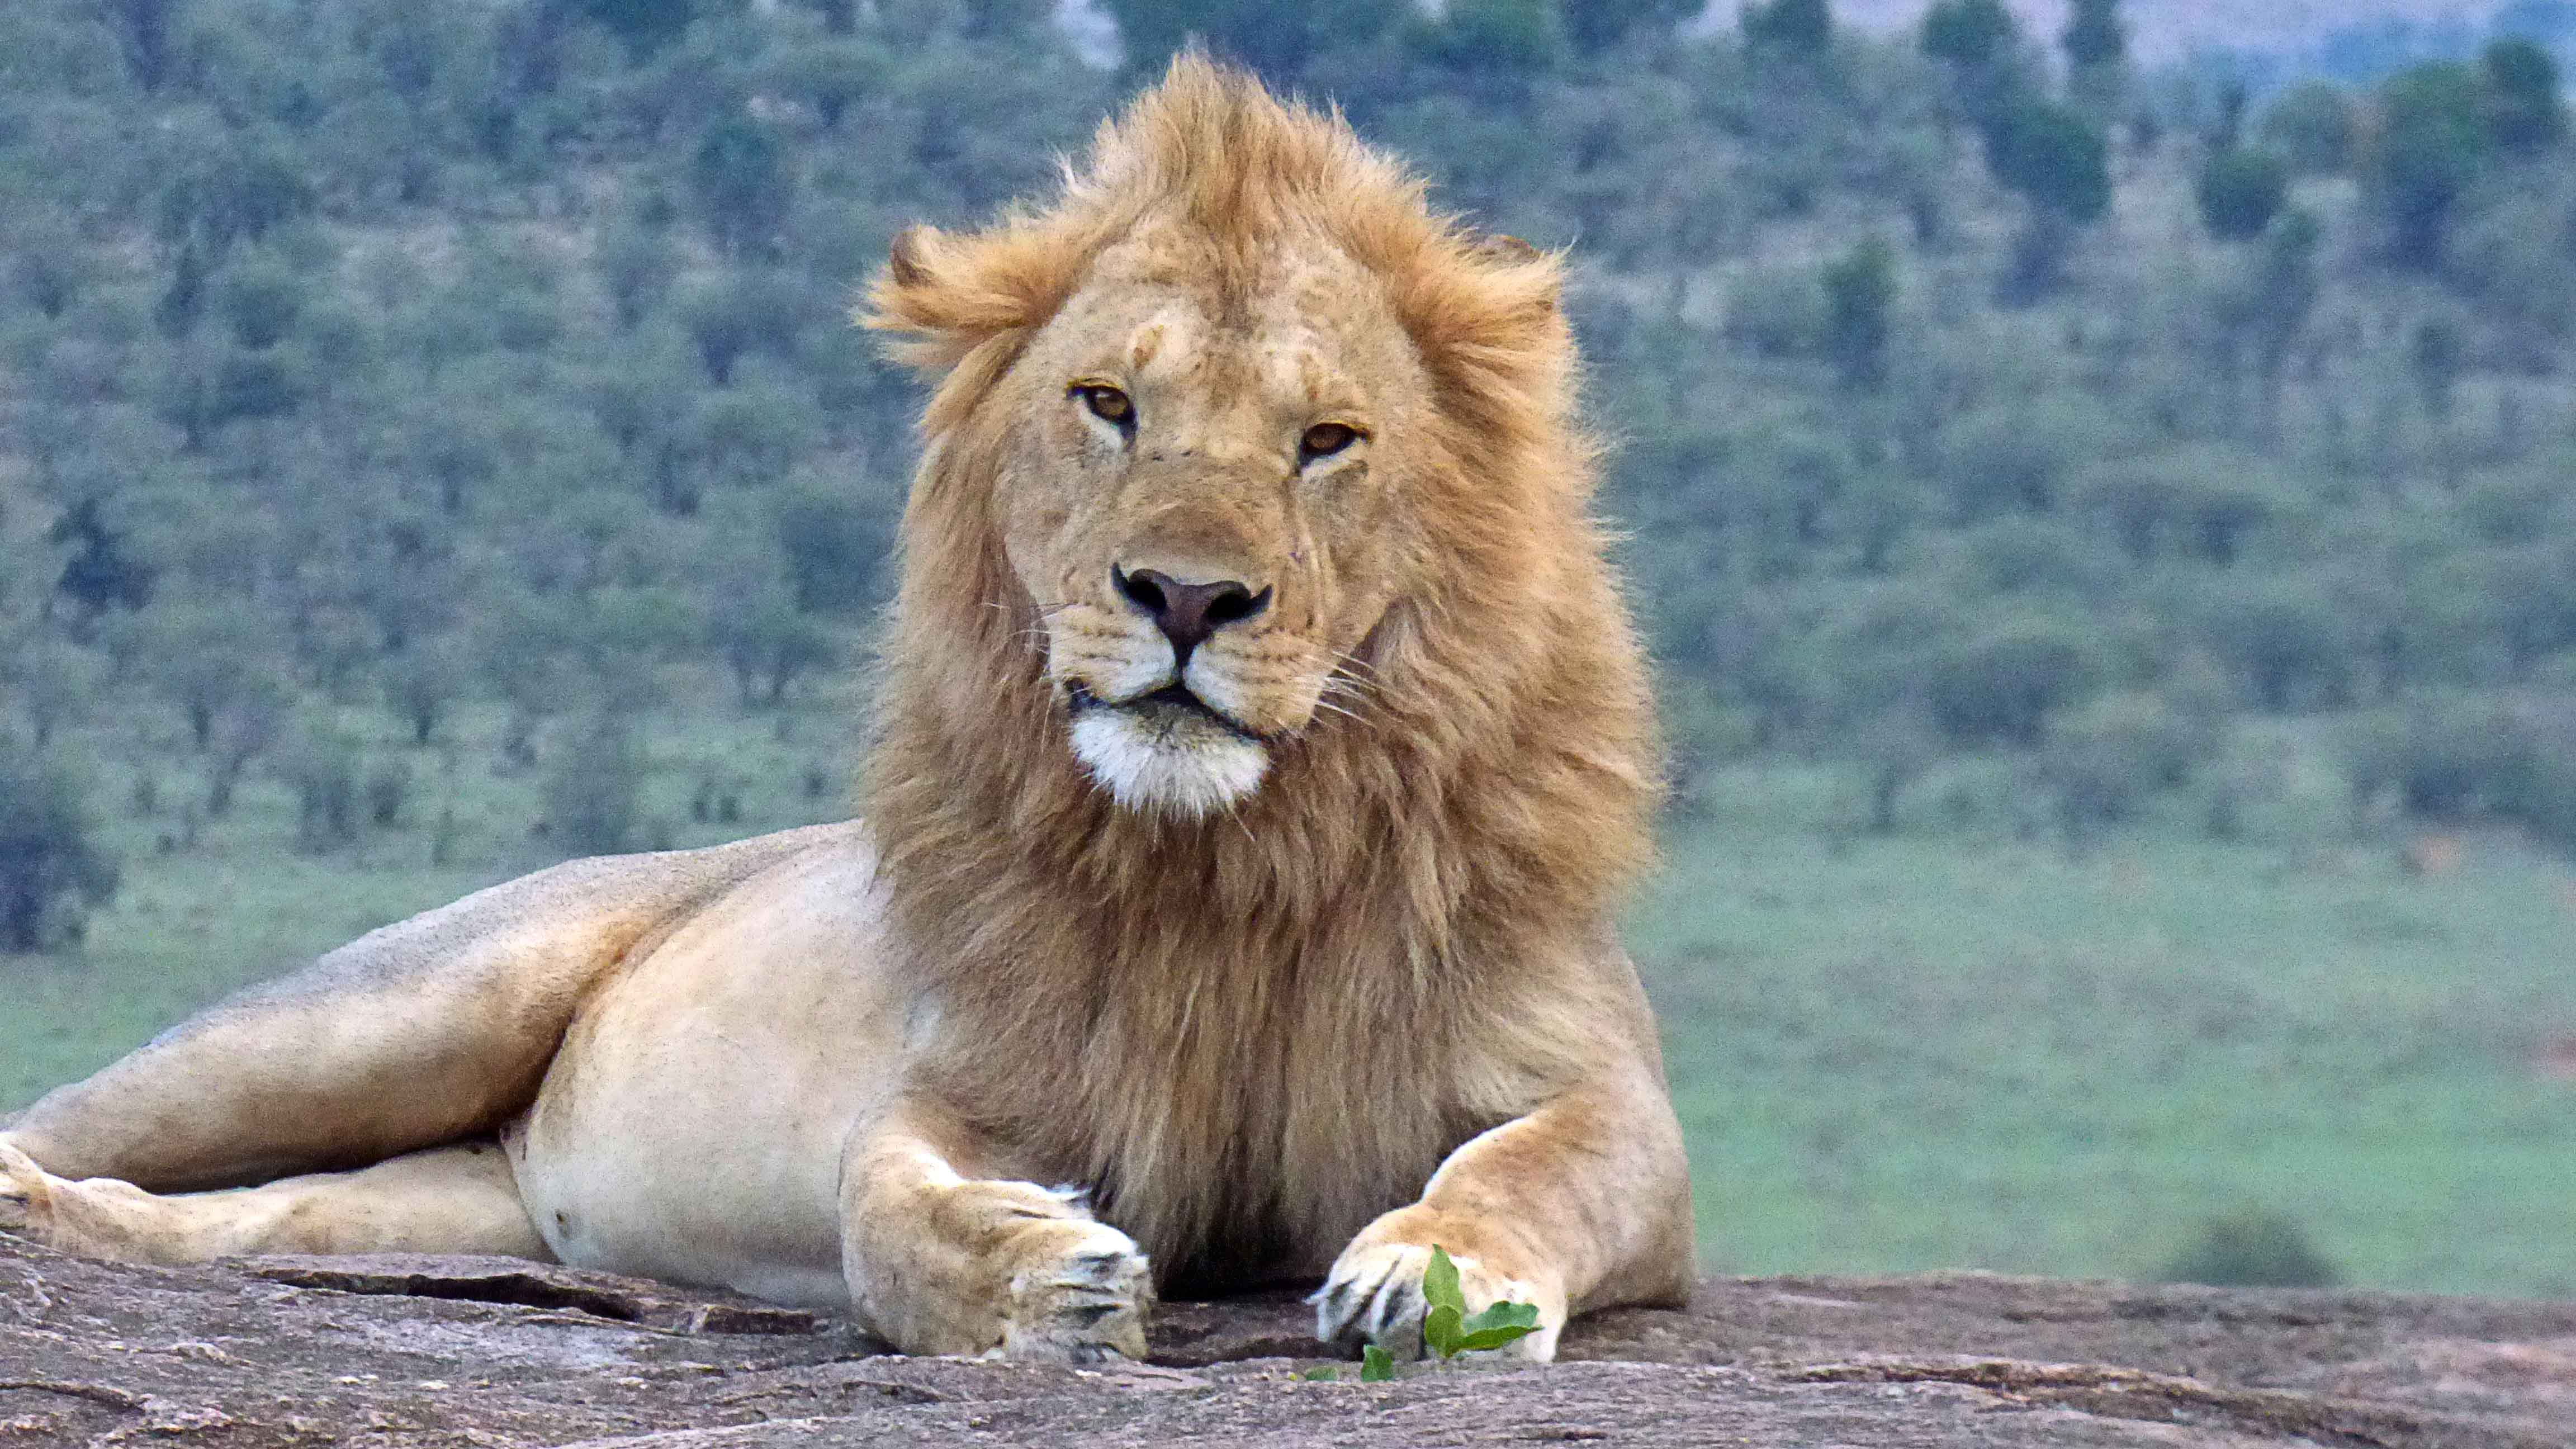 leon en el parque nacional de masai mara, kenia